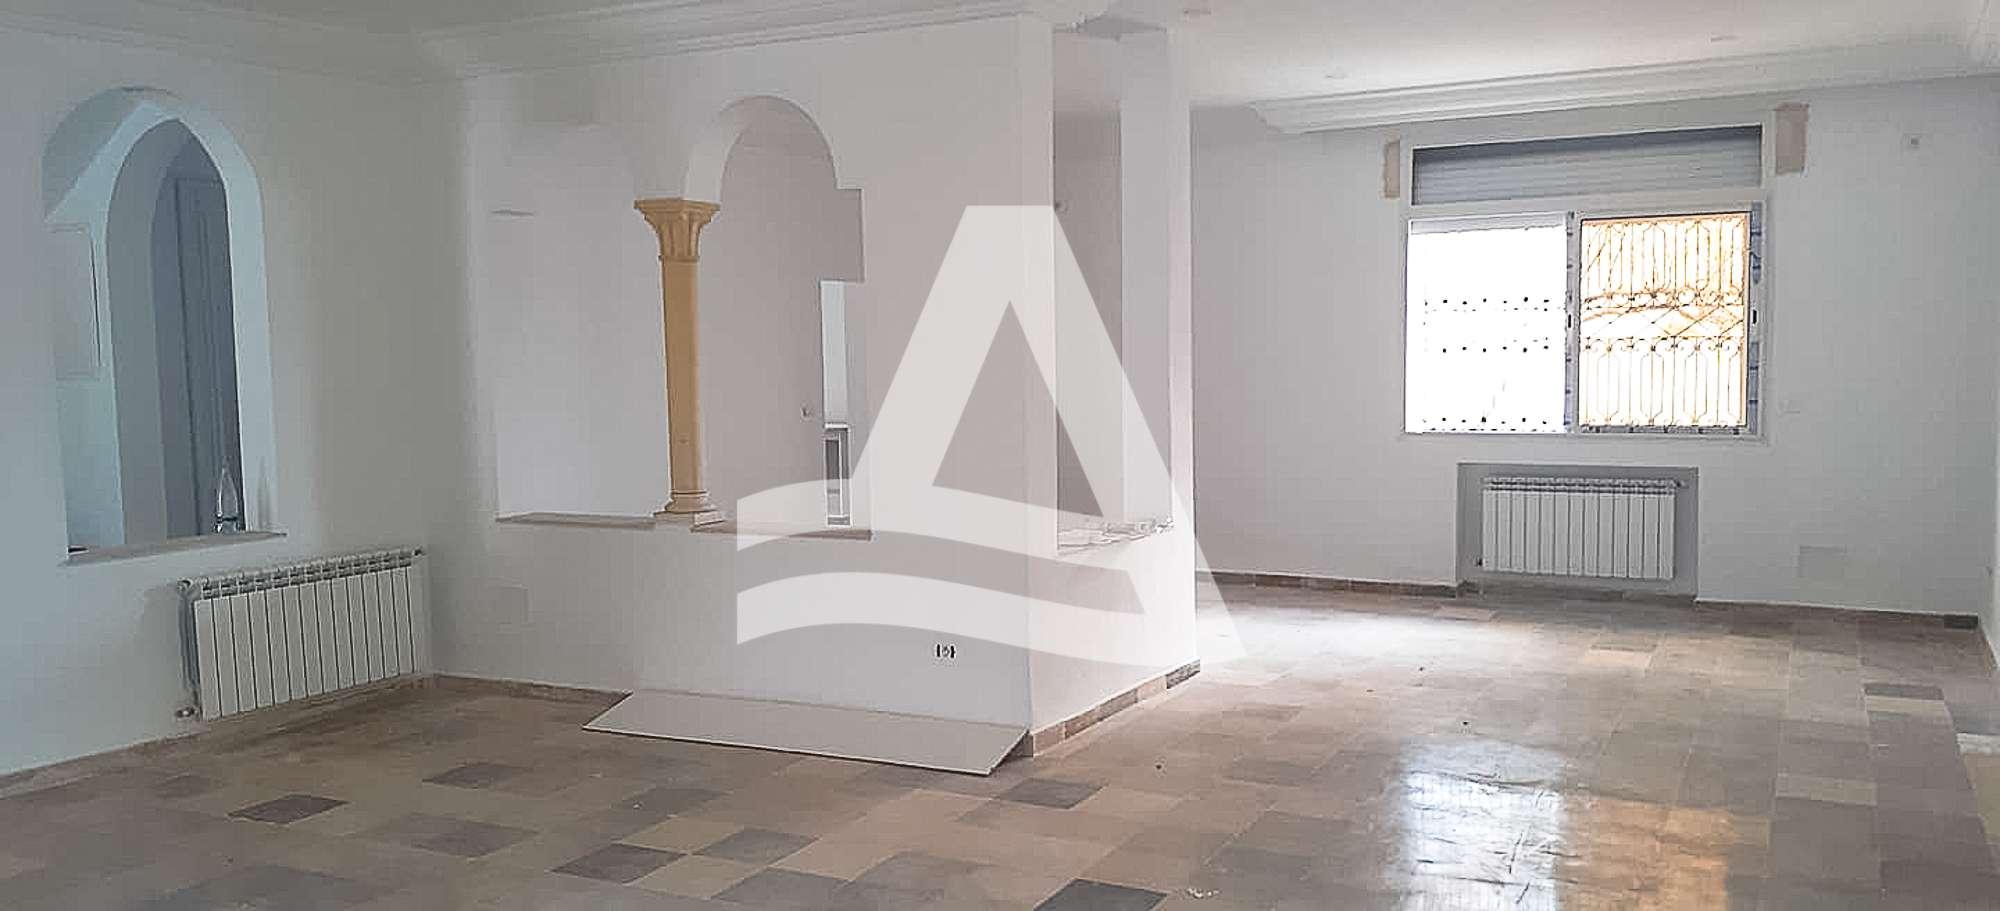 httpss3.amazonaws.comlogimoaws_Arcane_immobilière_la_Marsa-_location_-_vente_la_marsa___1583581616891